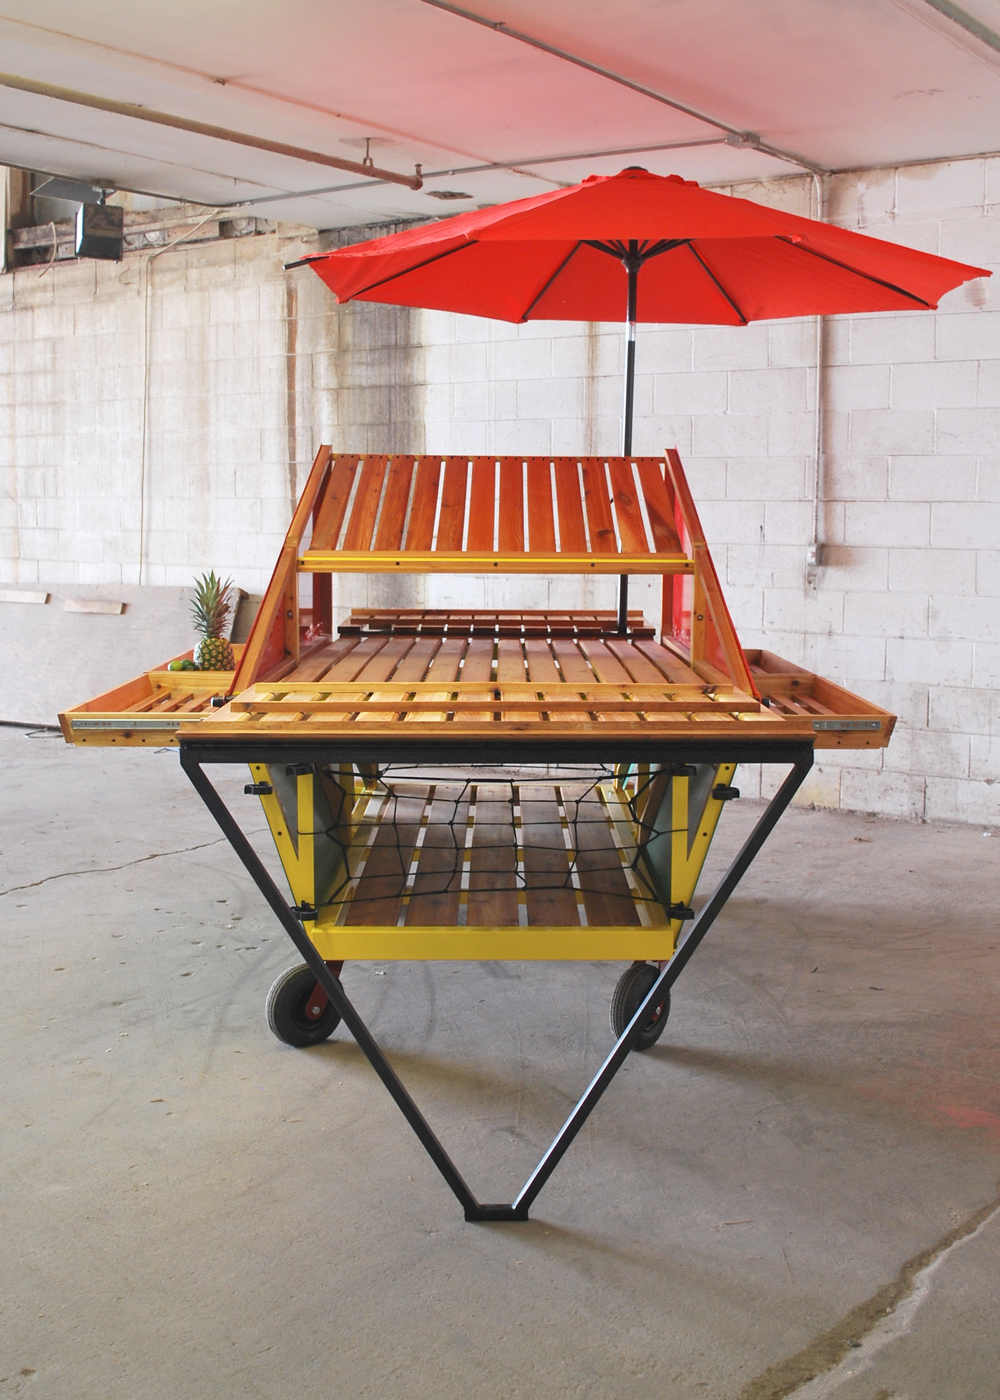 FPB - Mobile Produce Cart 4.jpg